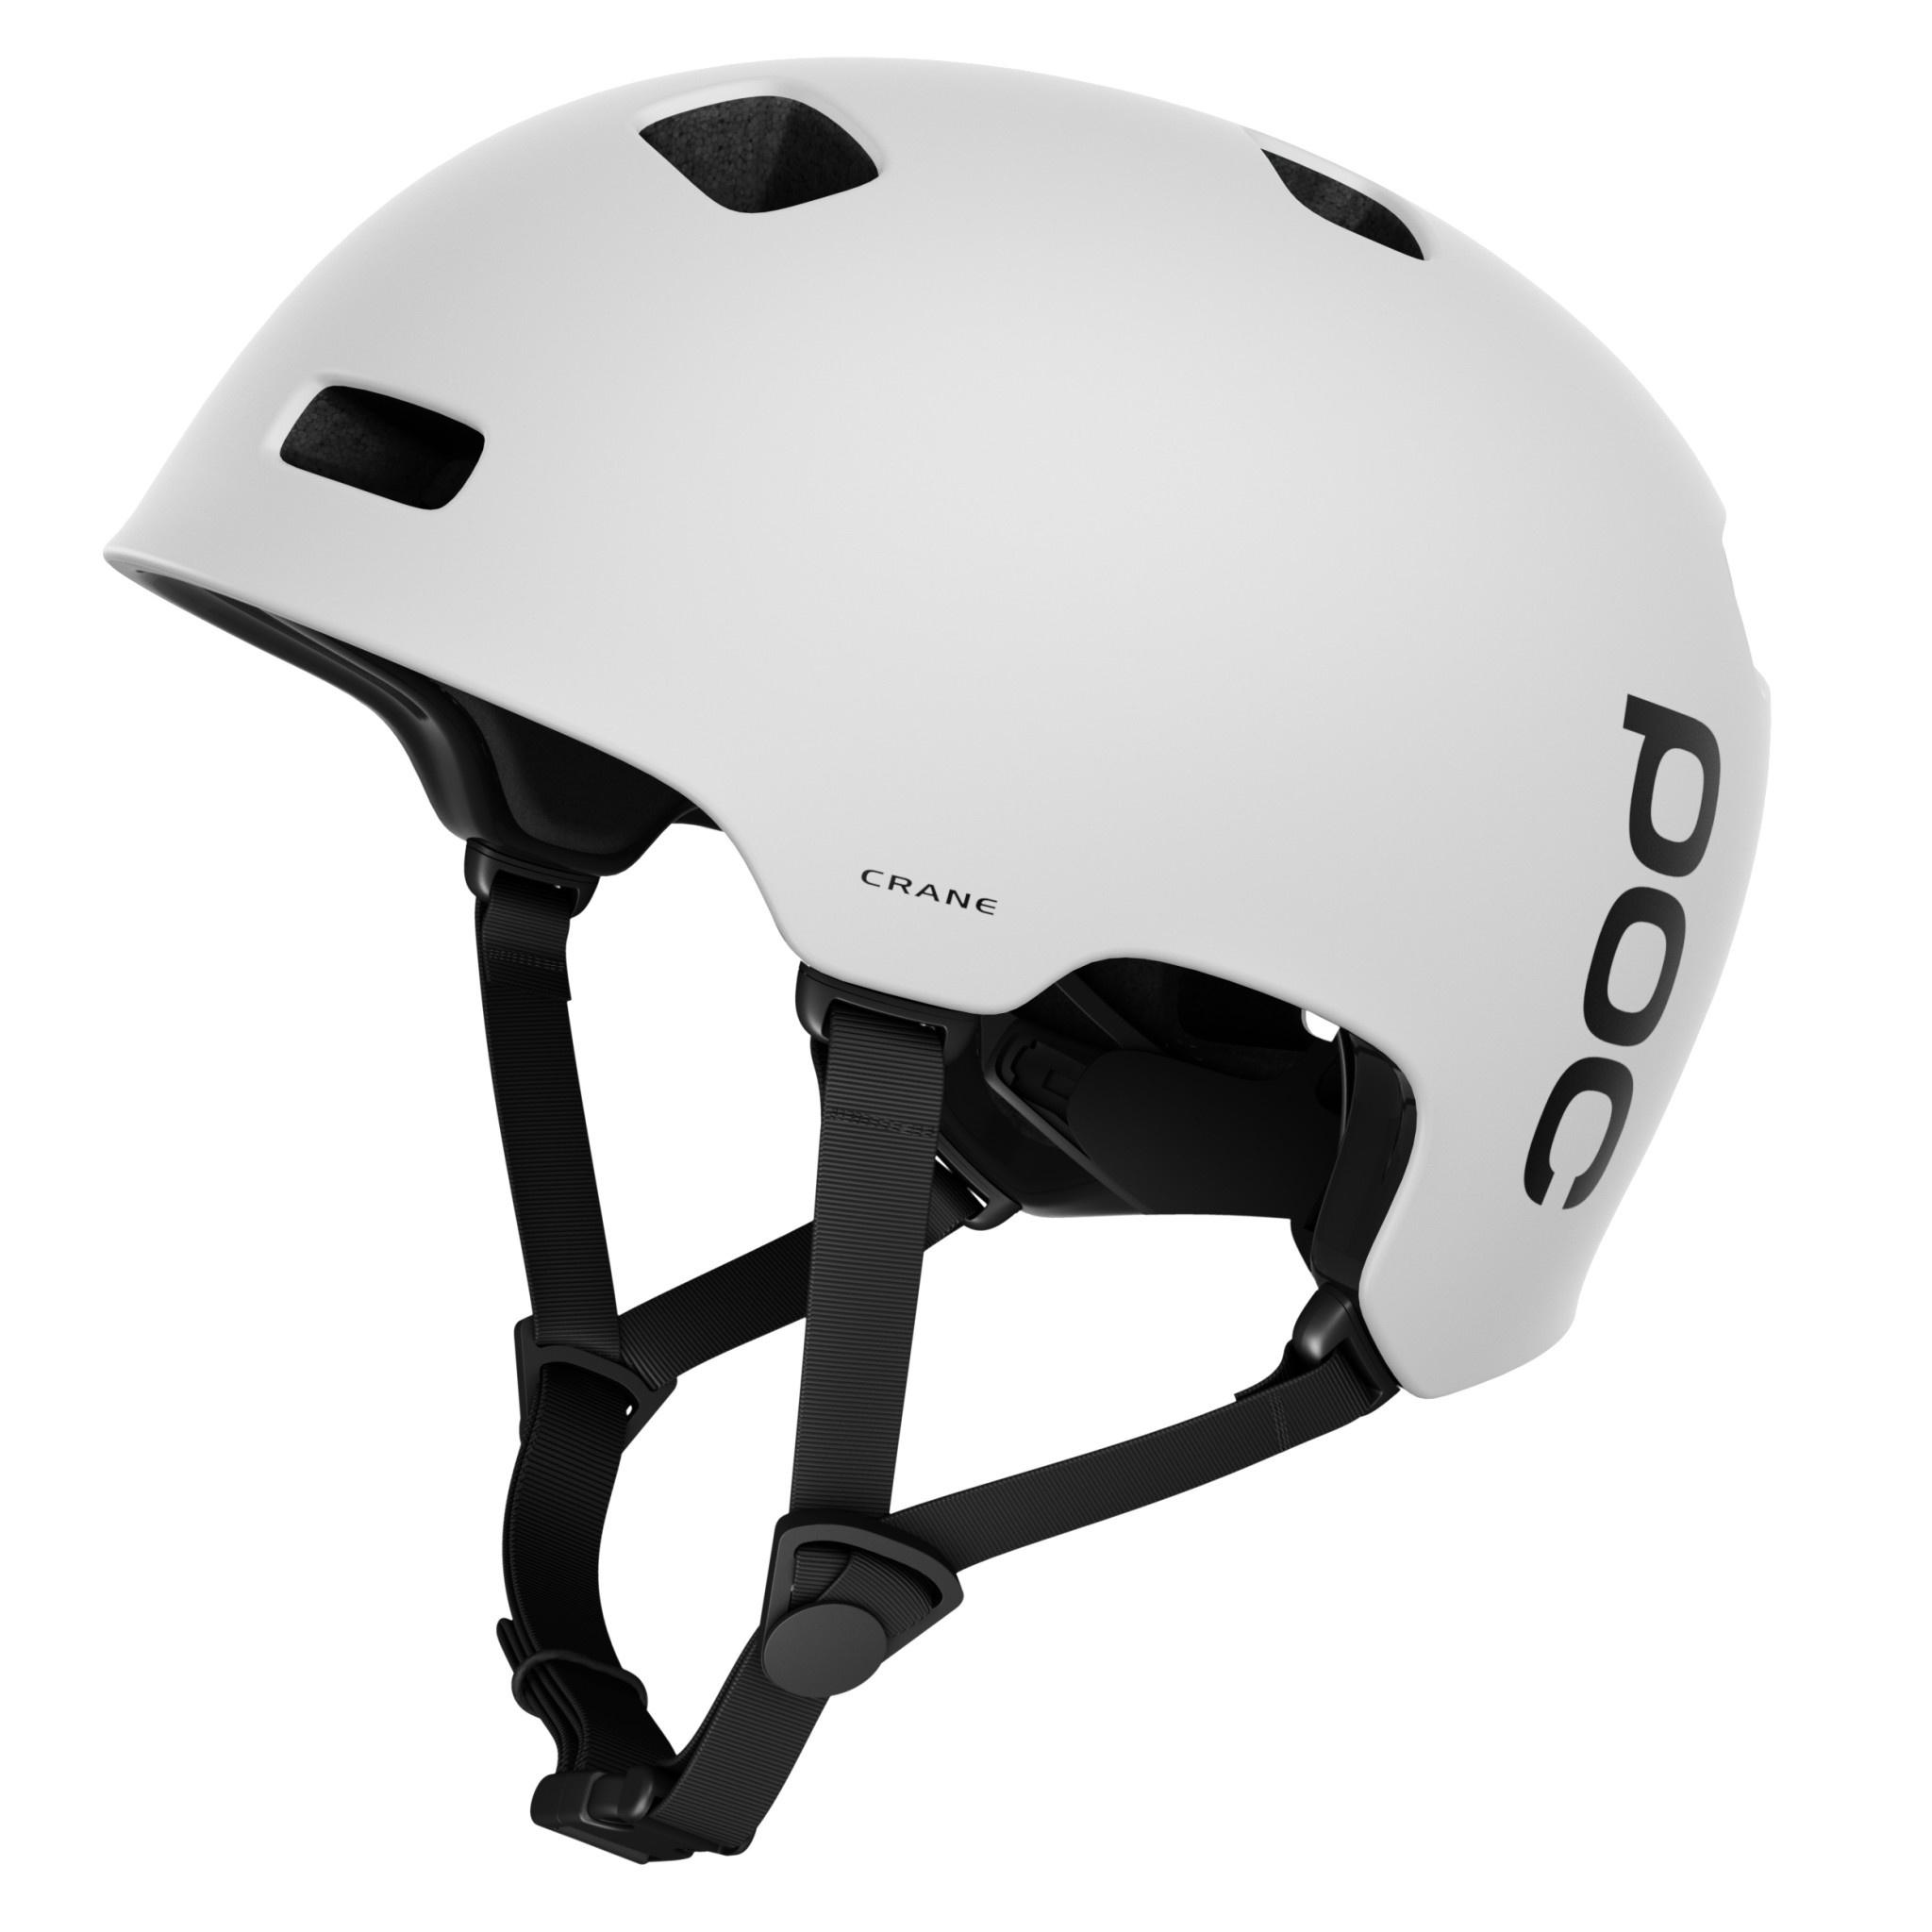 Crane Helmet